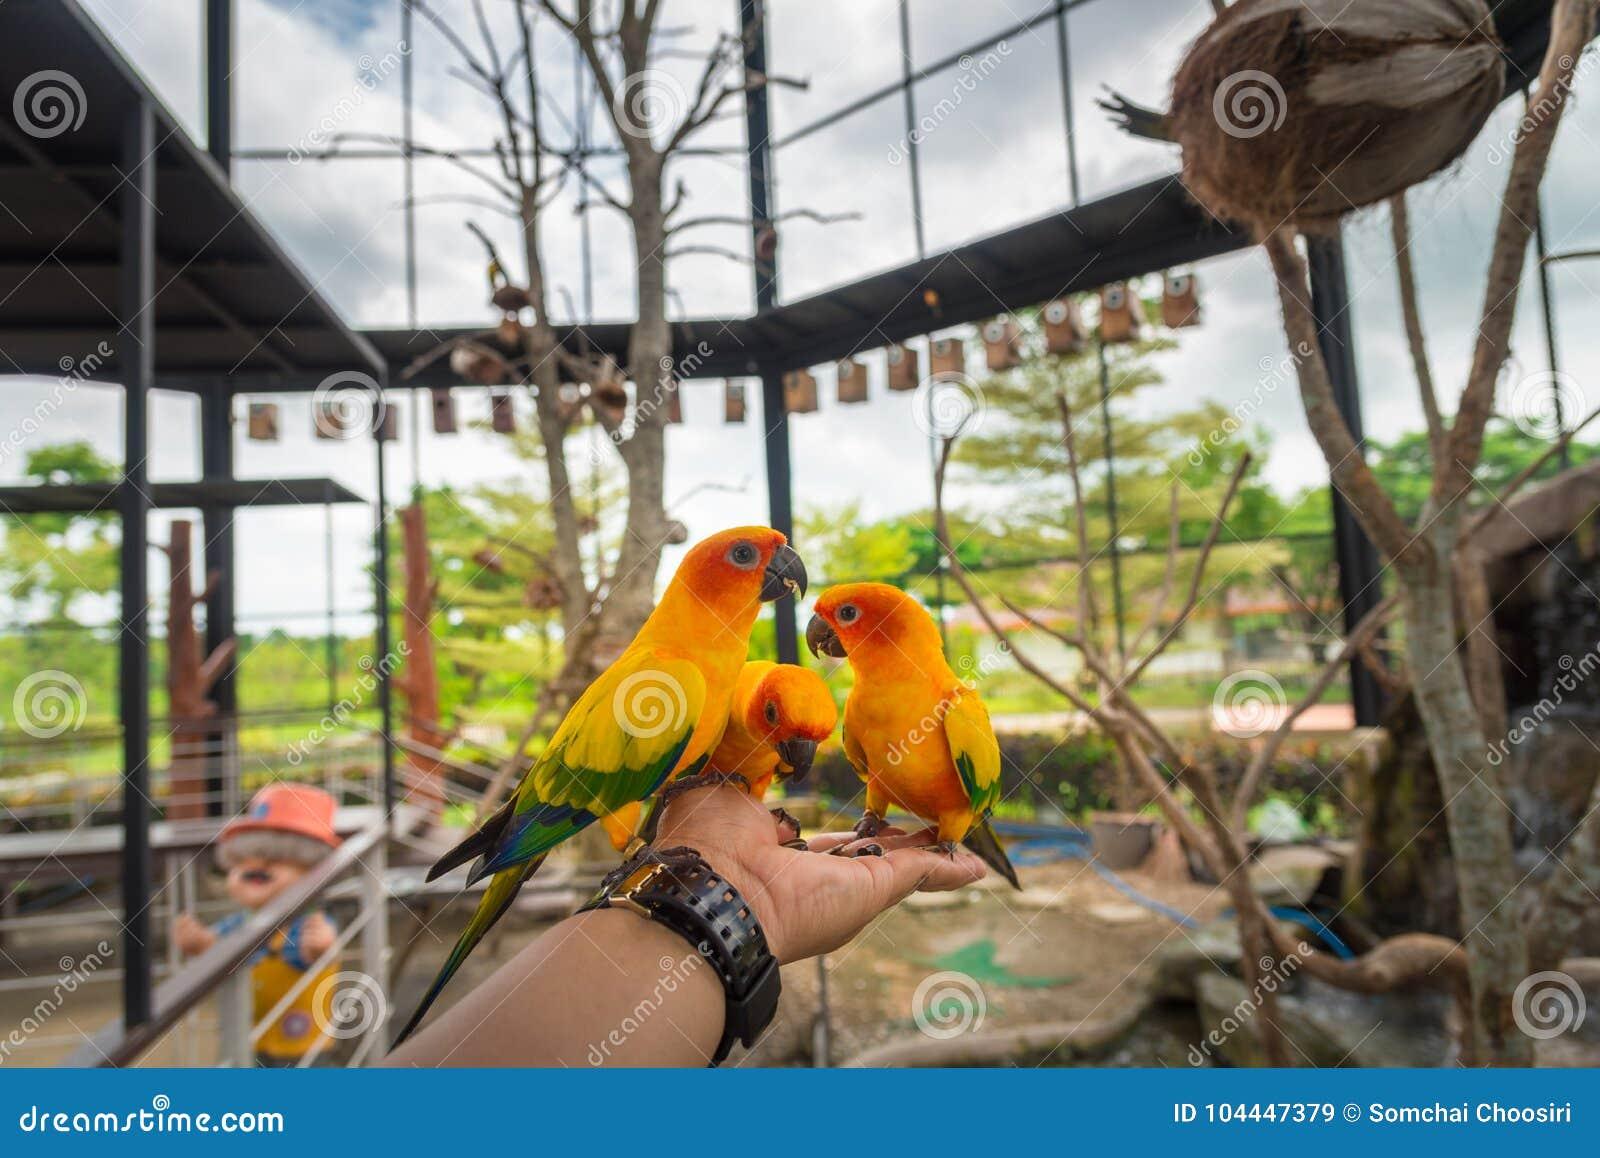 Gul papegojafågel, solconure